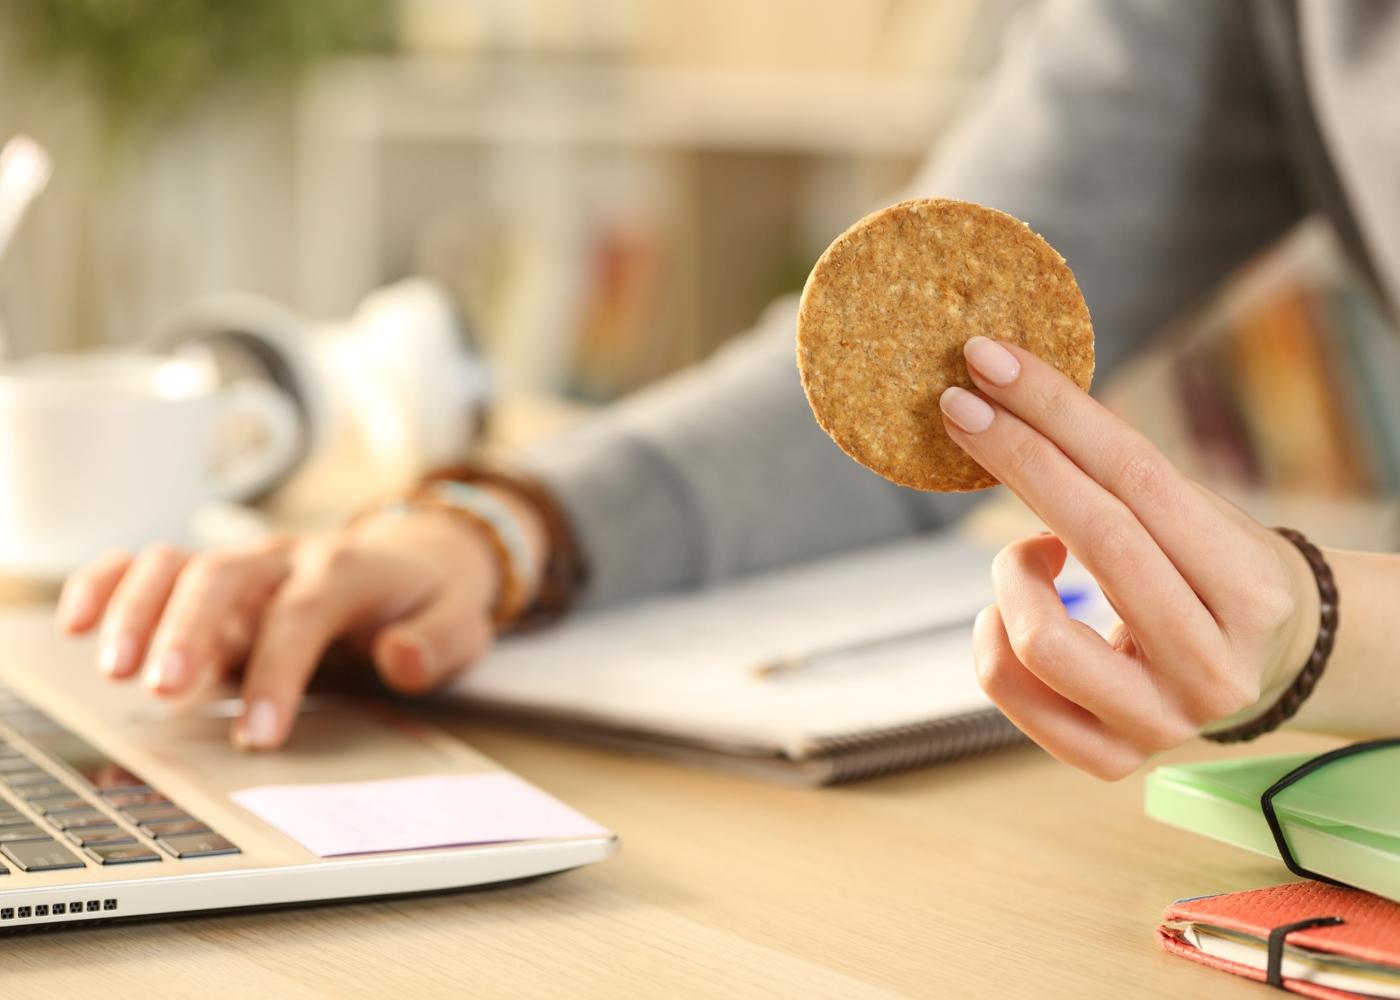 Alimentação na adolescência: adolescente a comer bolachas enquanto estuda